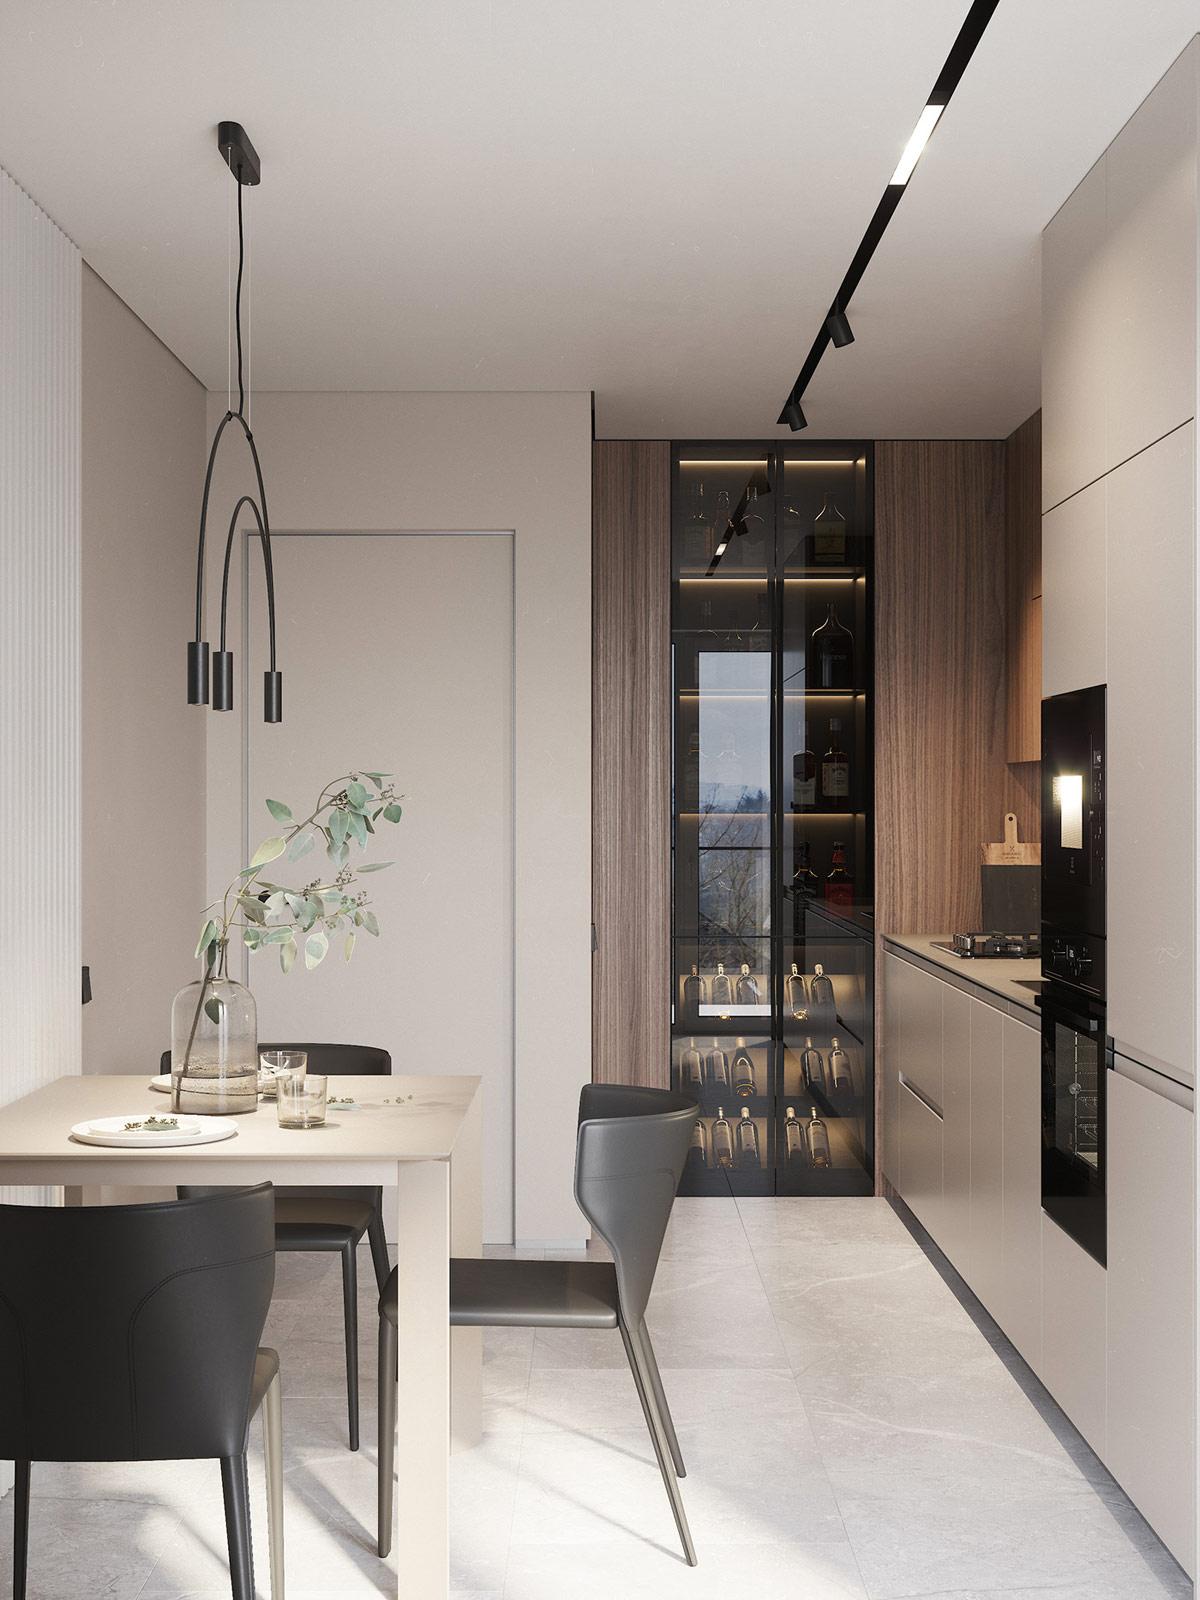 Trong gian bếp, tủ đựng rượu với thiết kế bóng bẩy tạo điểm nhấn hút mắt.